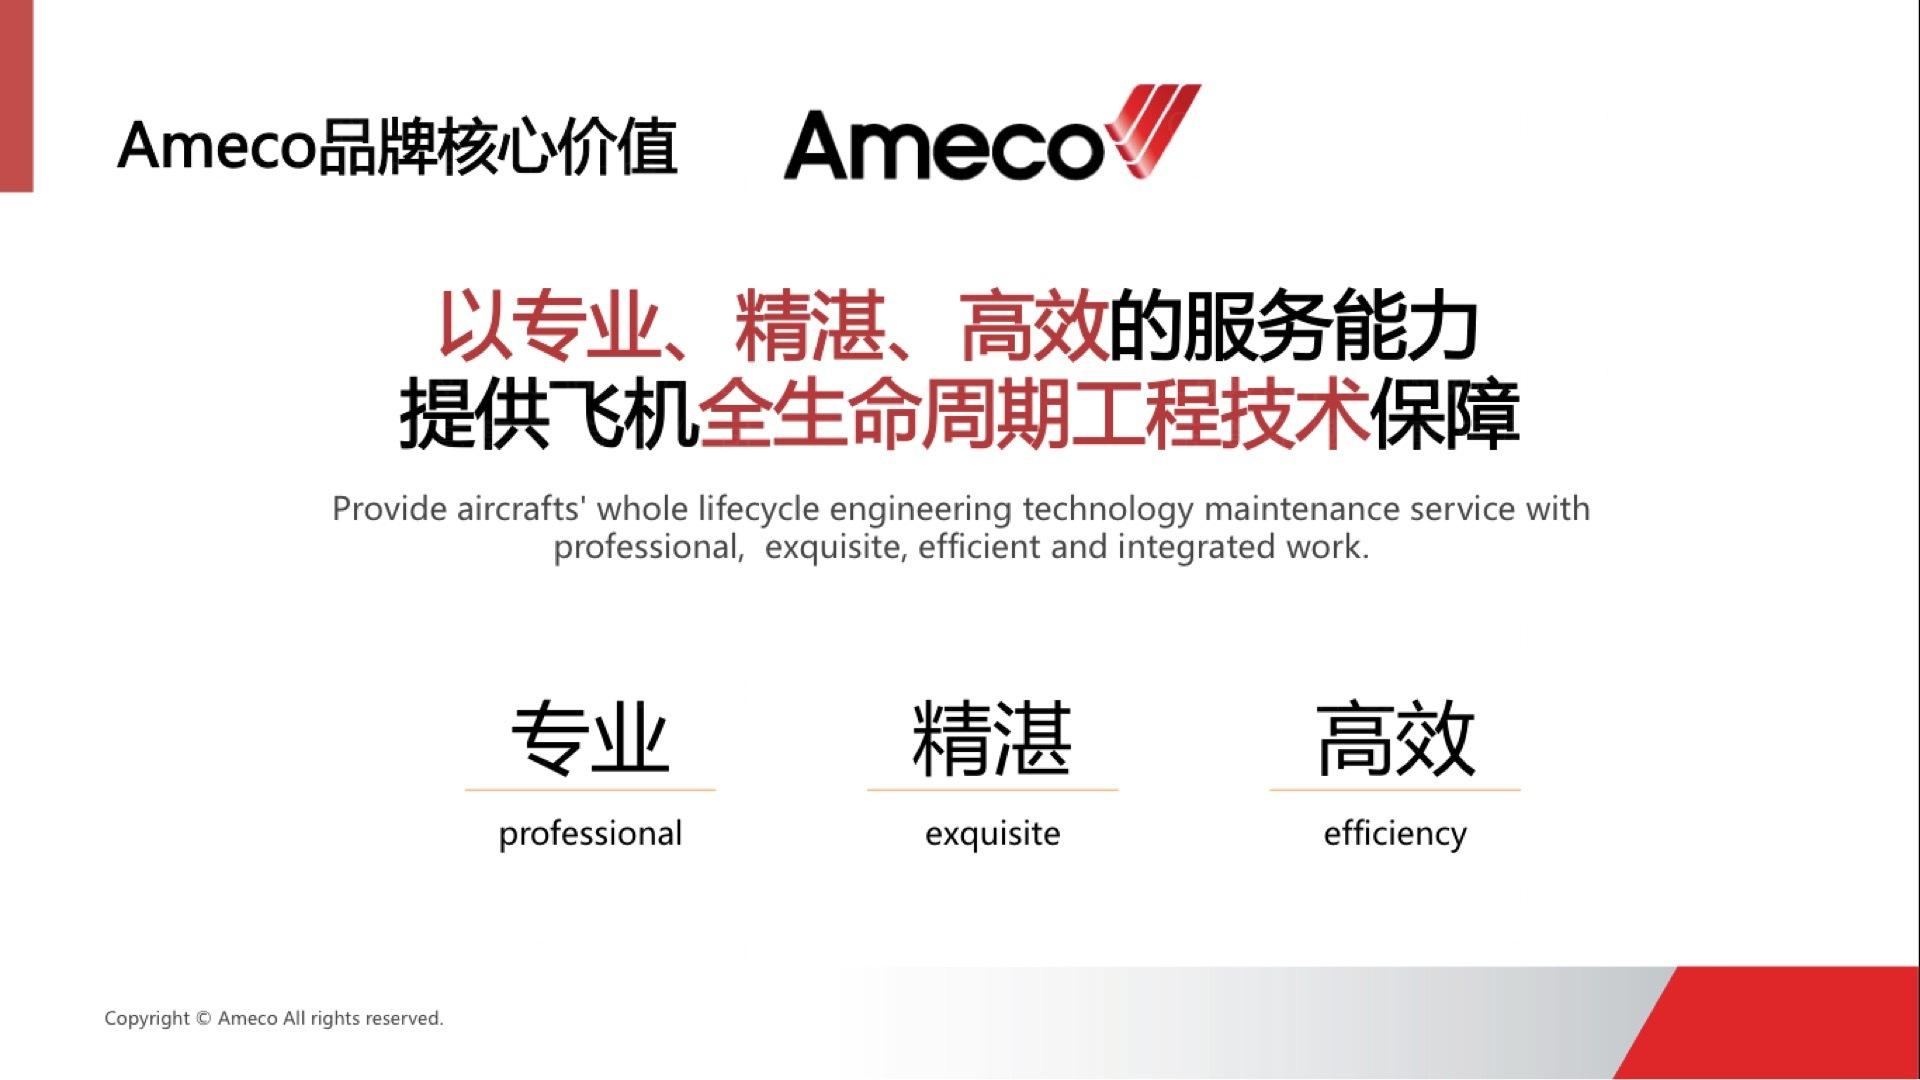 品牌战略&企业文化中国国航Ameco品牌战略规划应用场景